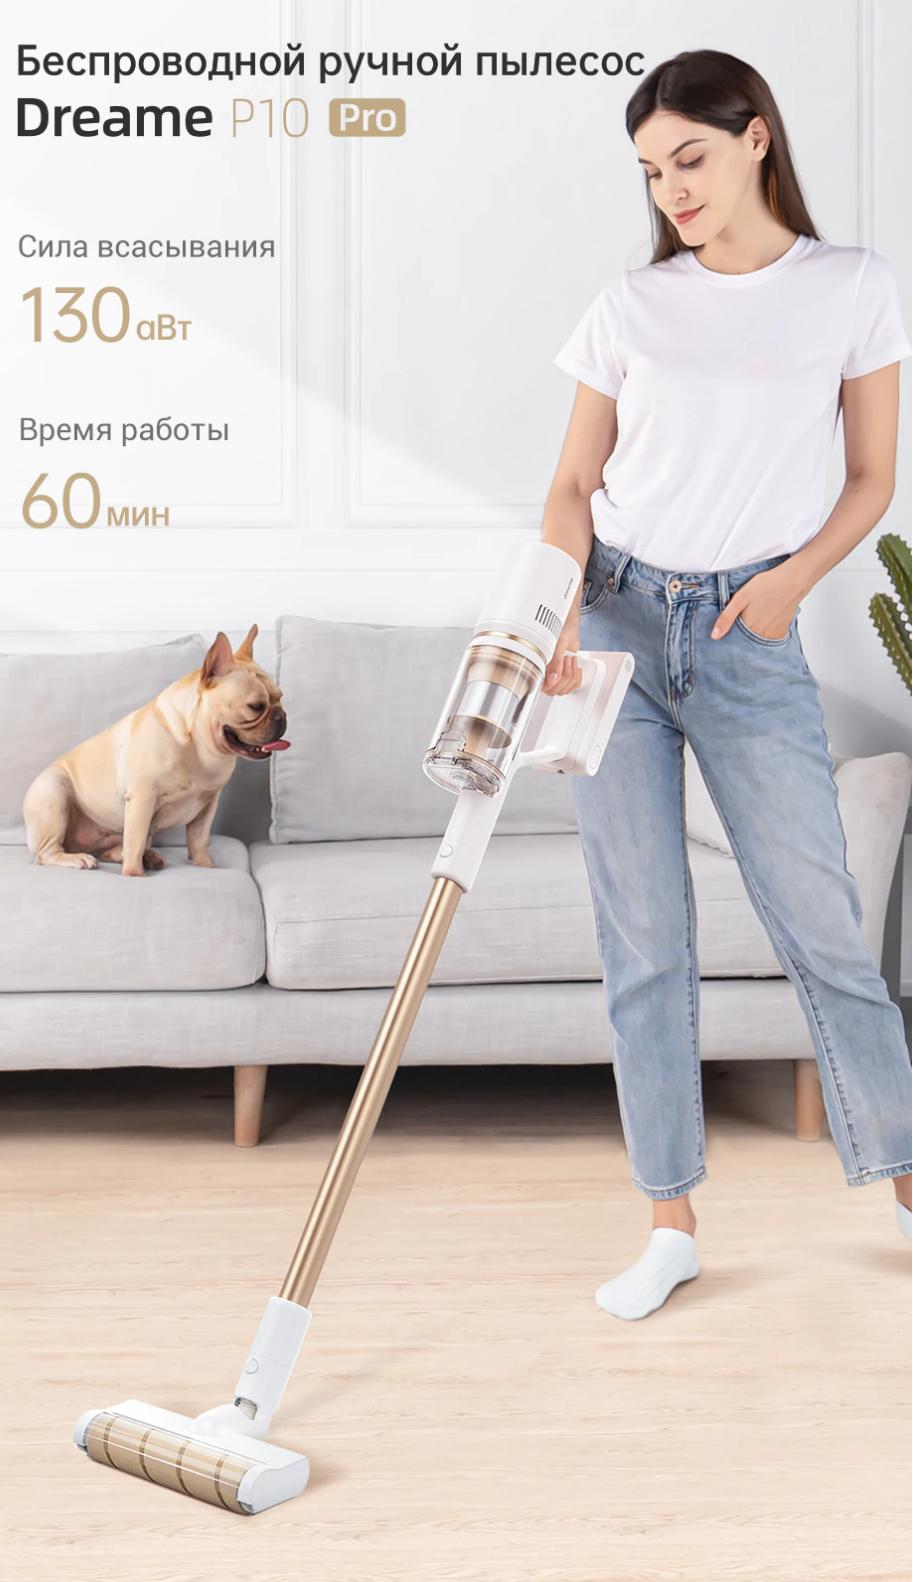 Вертикальный пылесос Xiaomi Dreame P10 Pro robot4home.ru